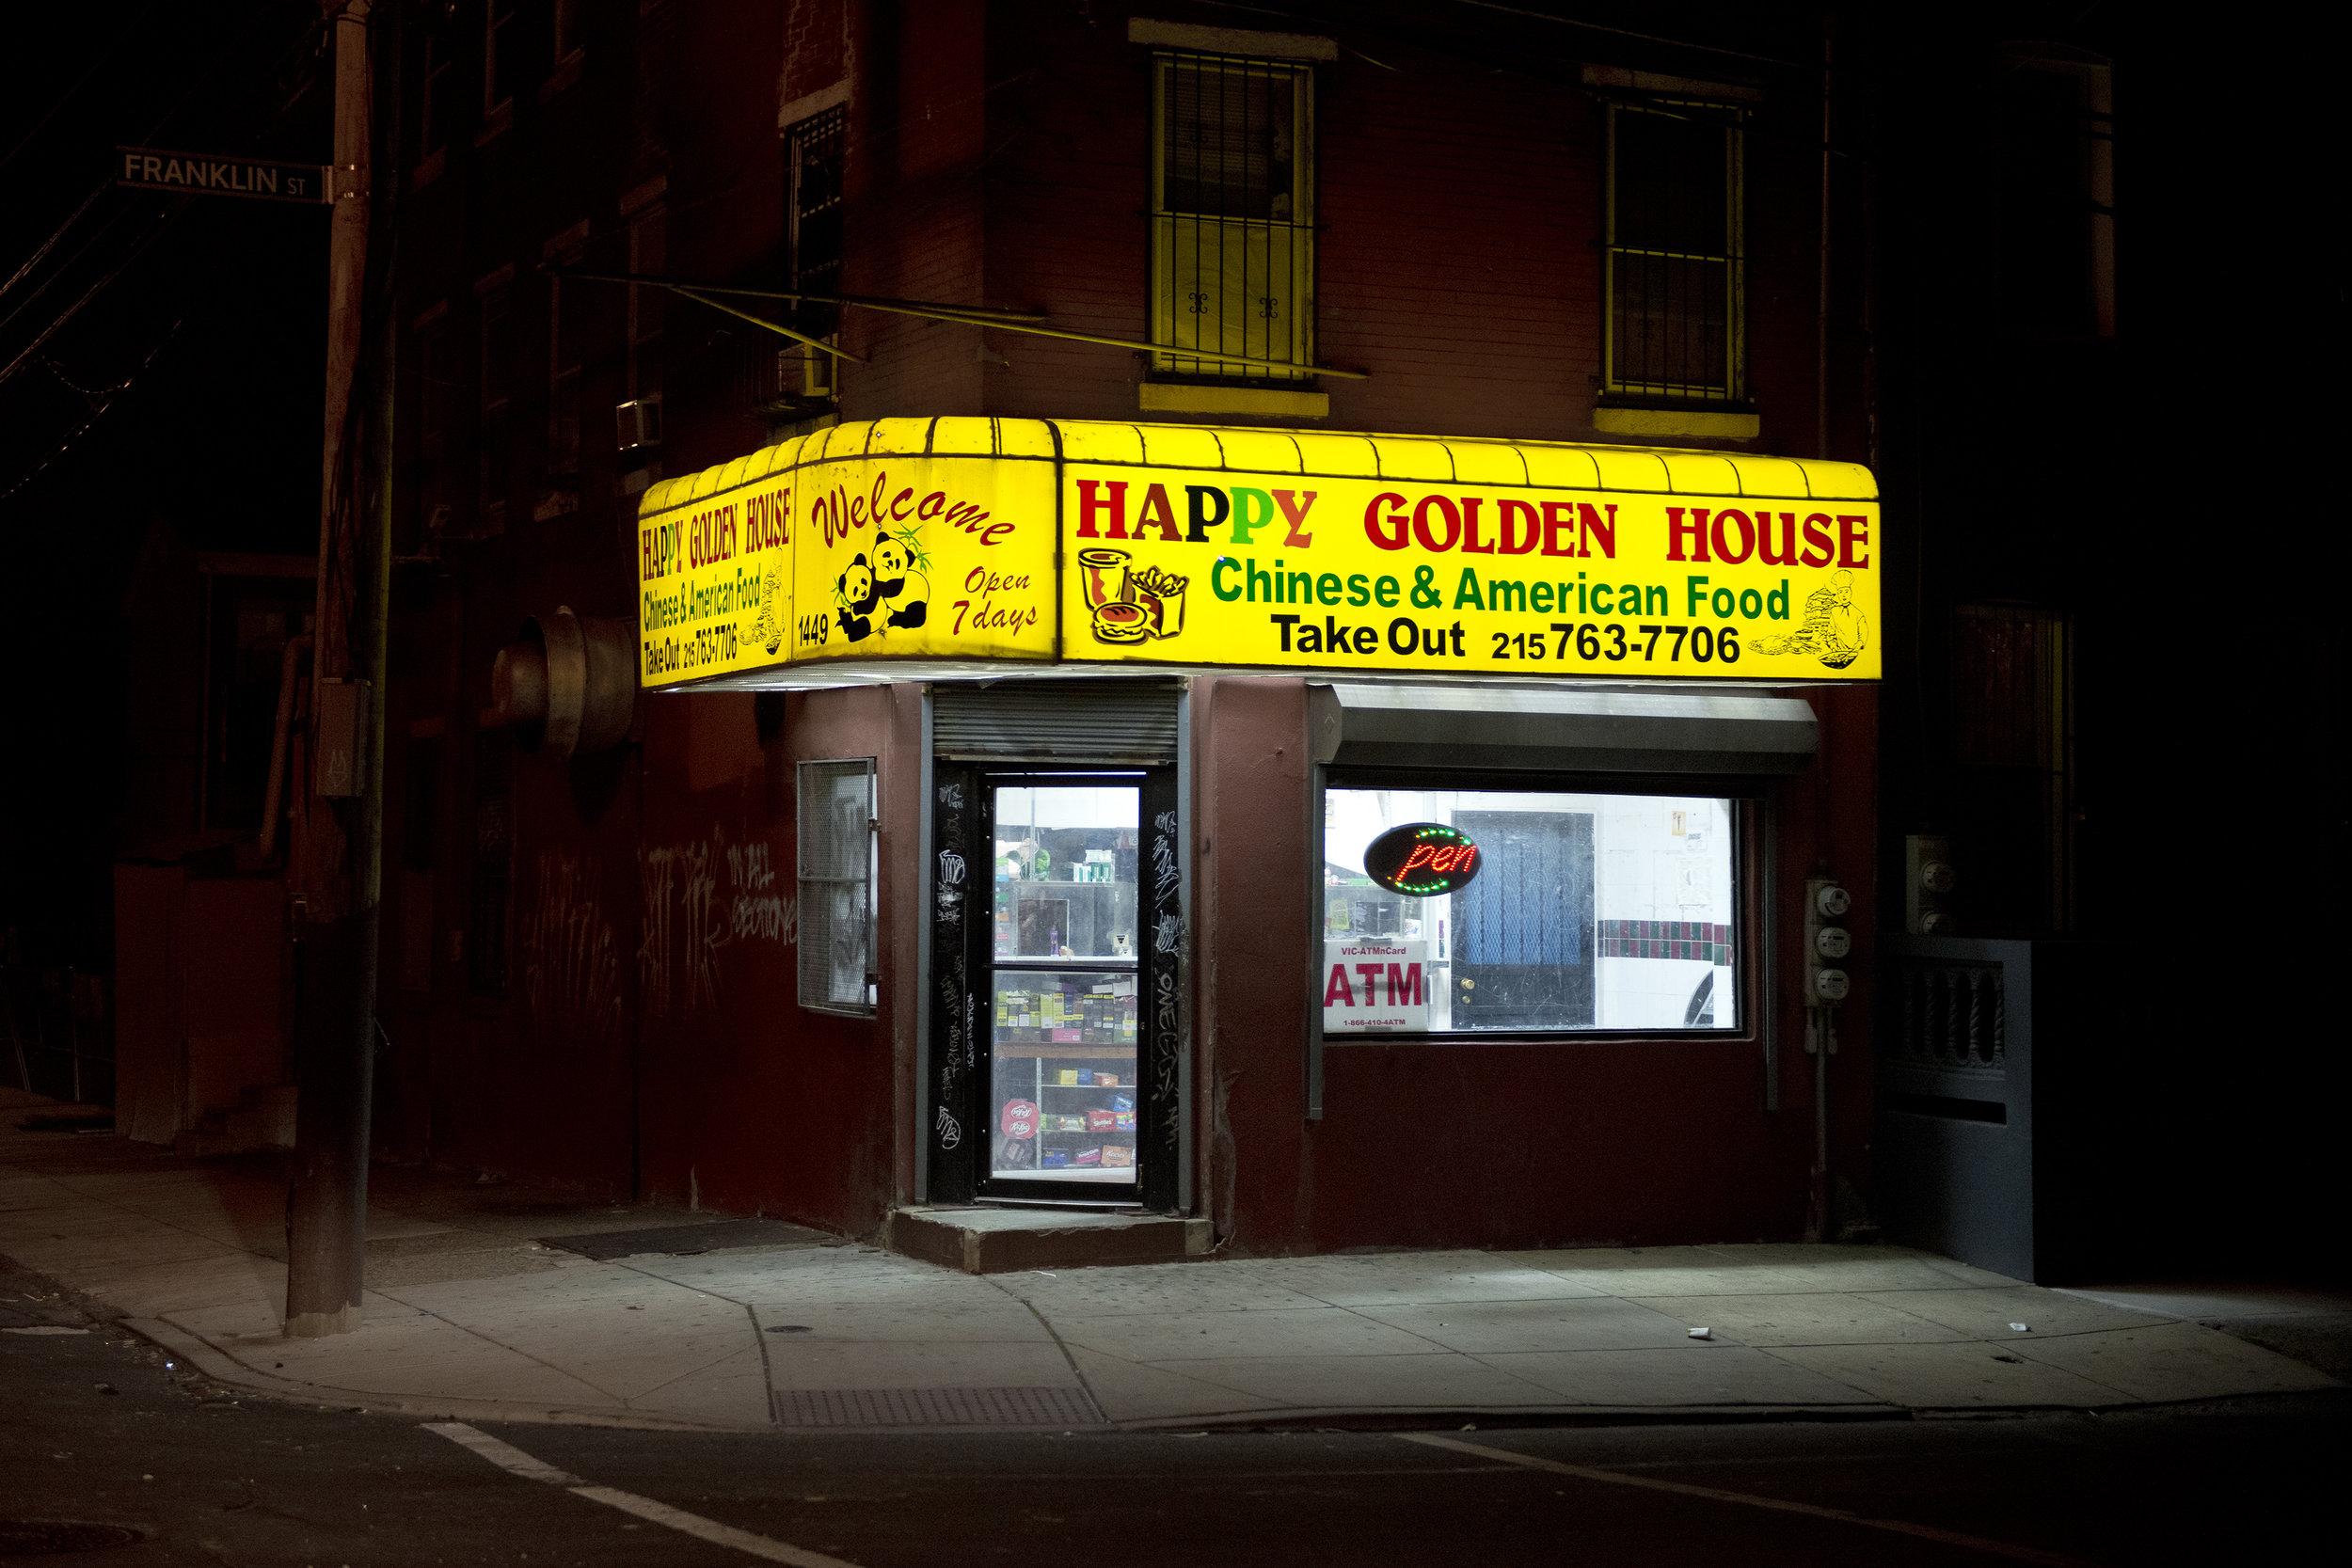 HAPPY GOLDEN HOUSE-ISLANDS-111117 947pm.jpg